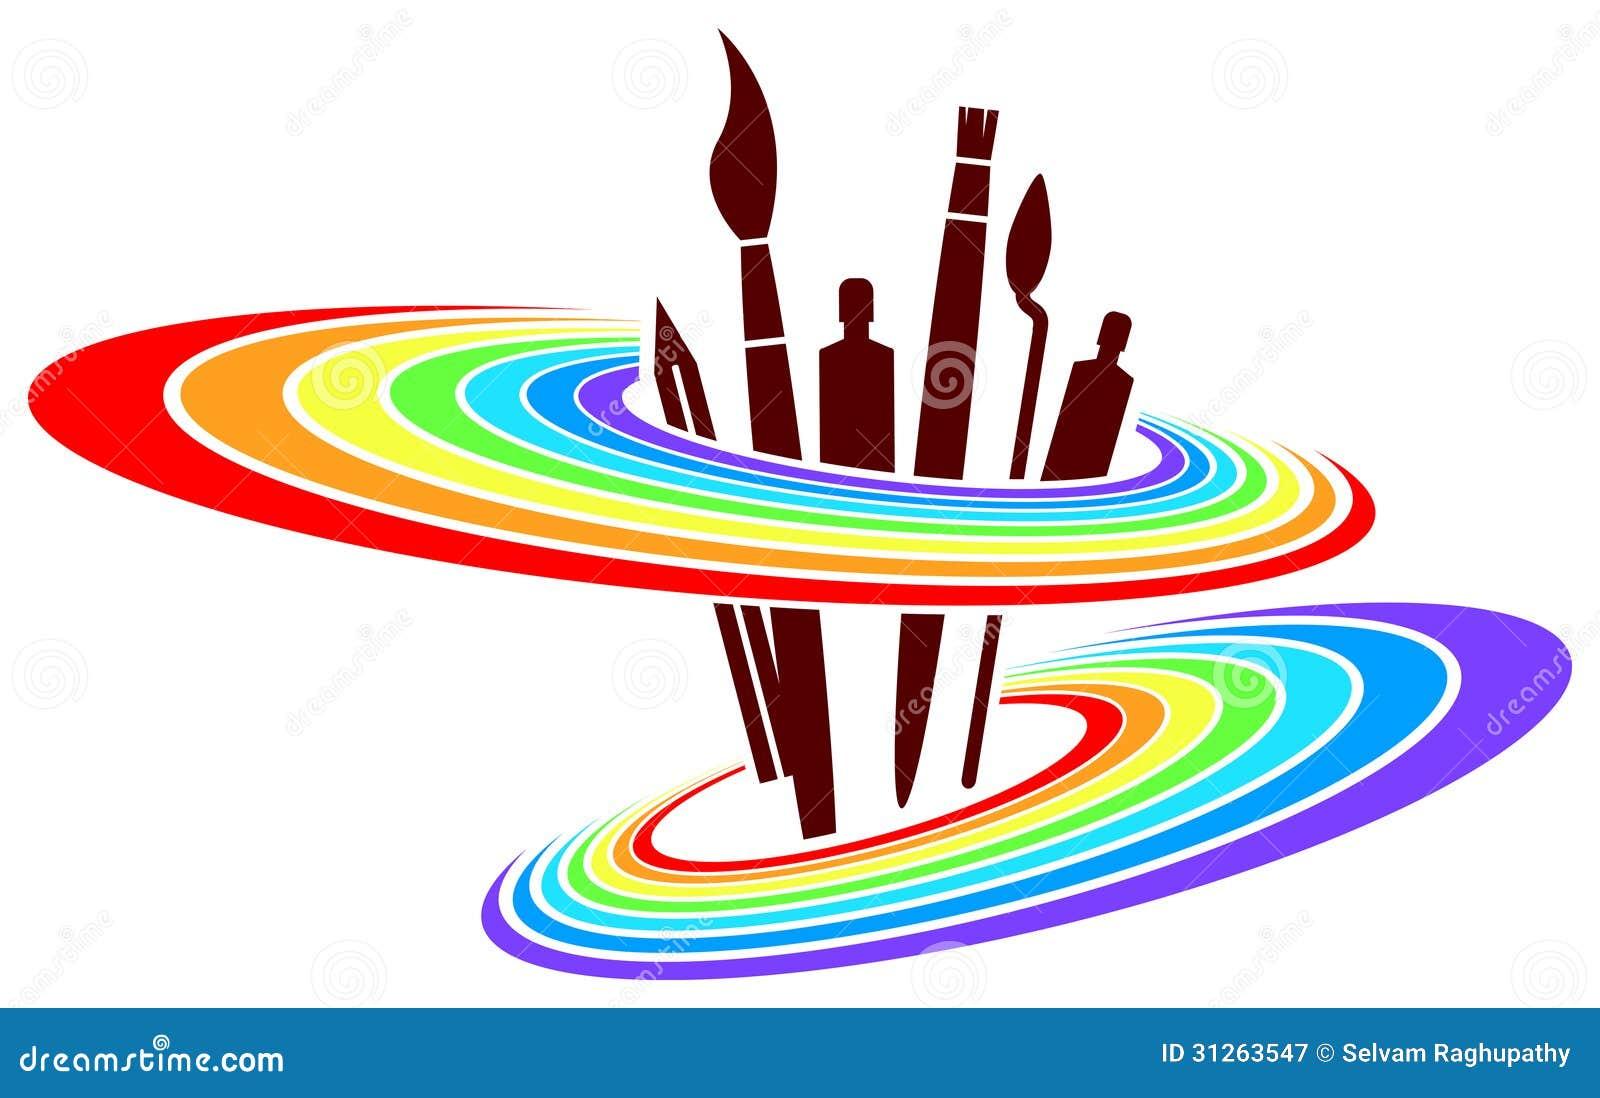 Дизайн логотипа картины